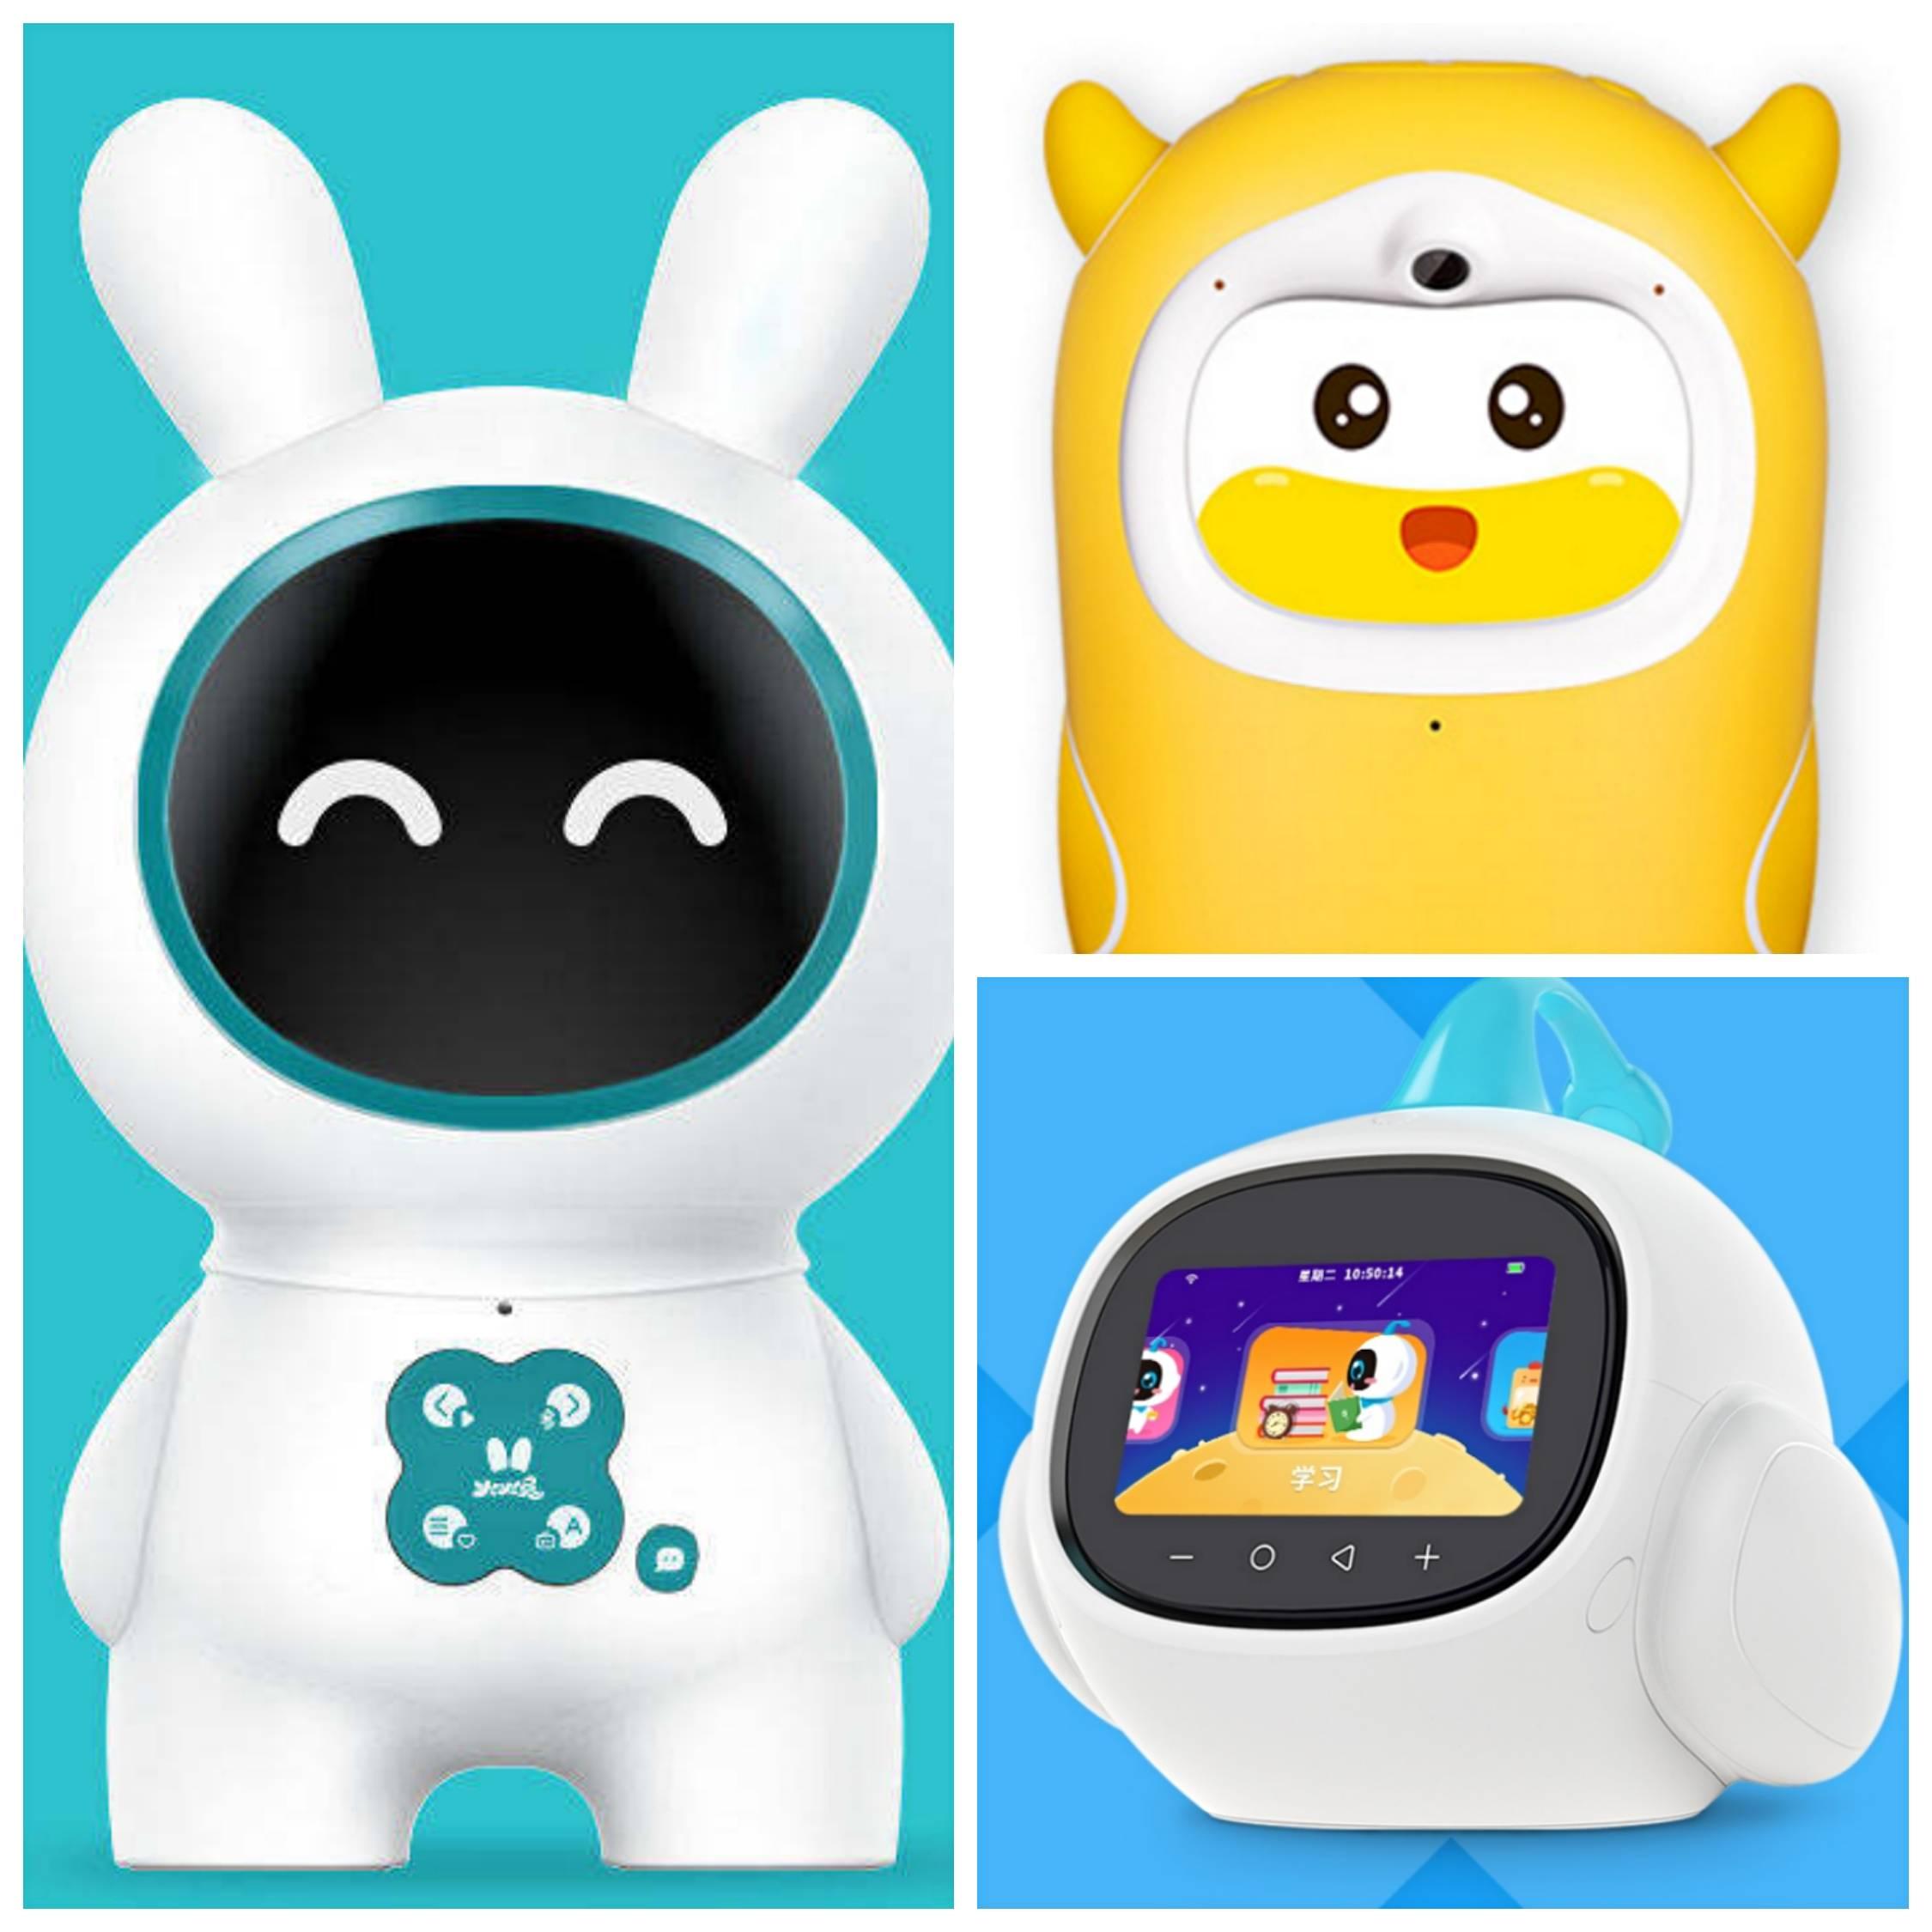 左一为火火兔早教机器人,右上为牛听听绘本版熏听机,右下为智伴早教机器人